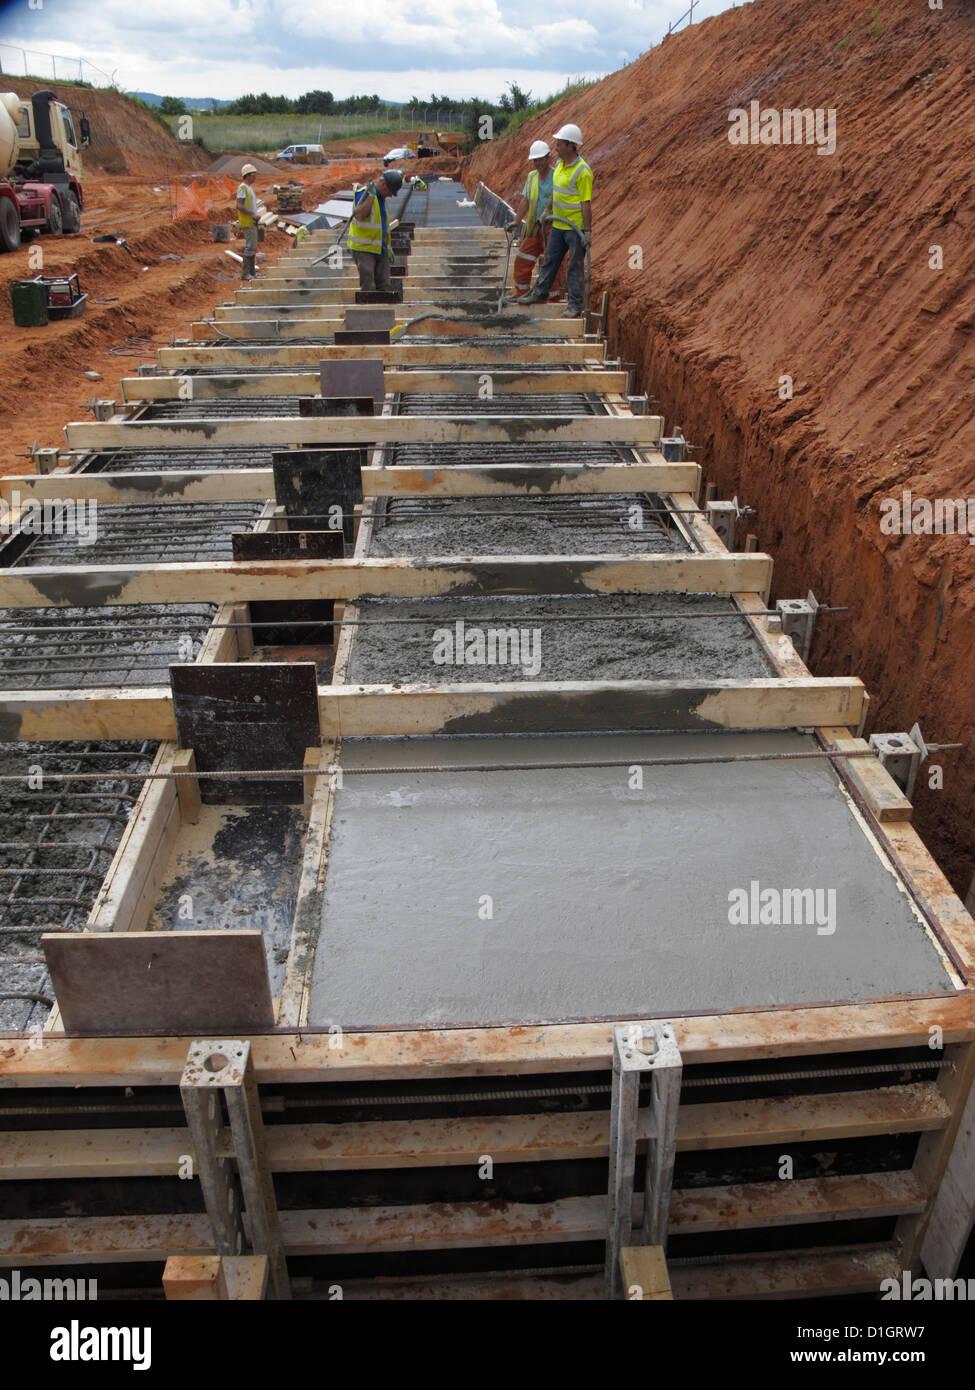 Pouring Concrete For A Reinforced Concrete Bridge